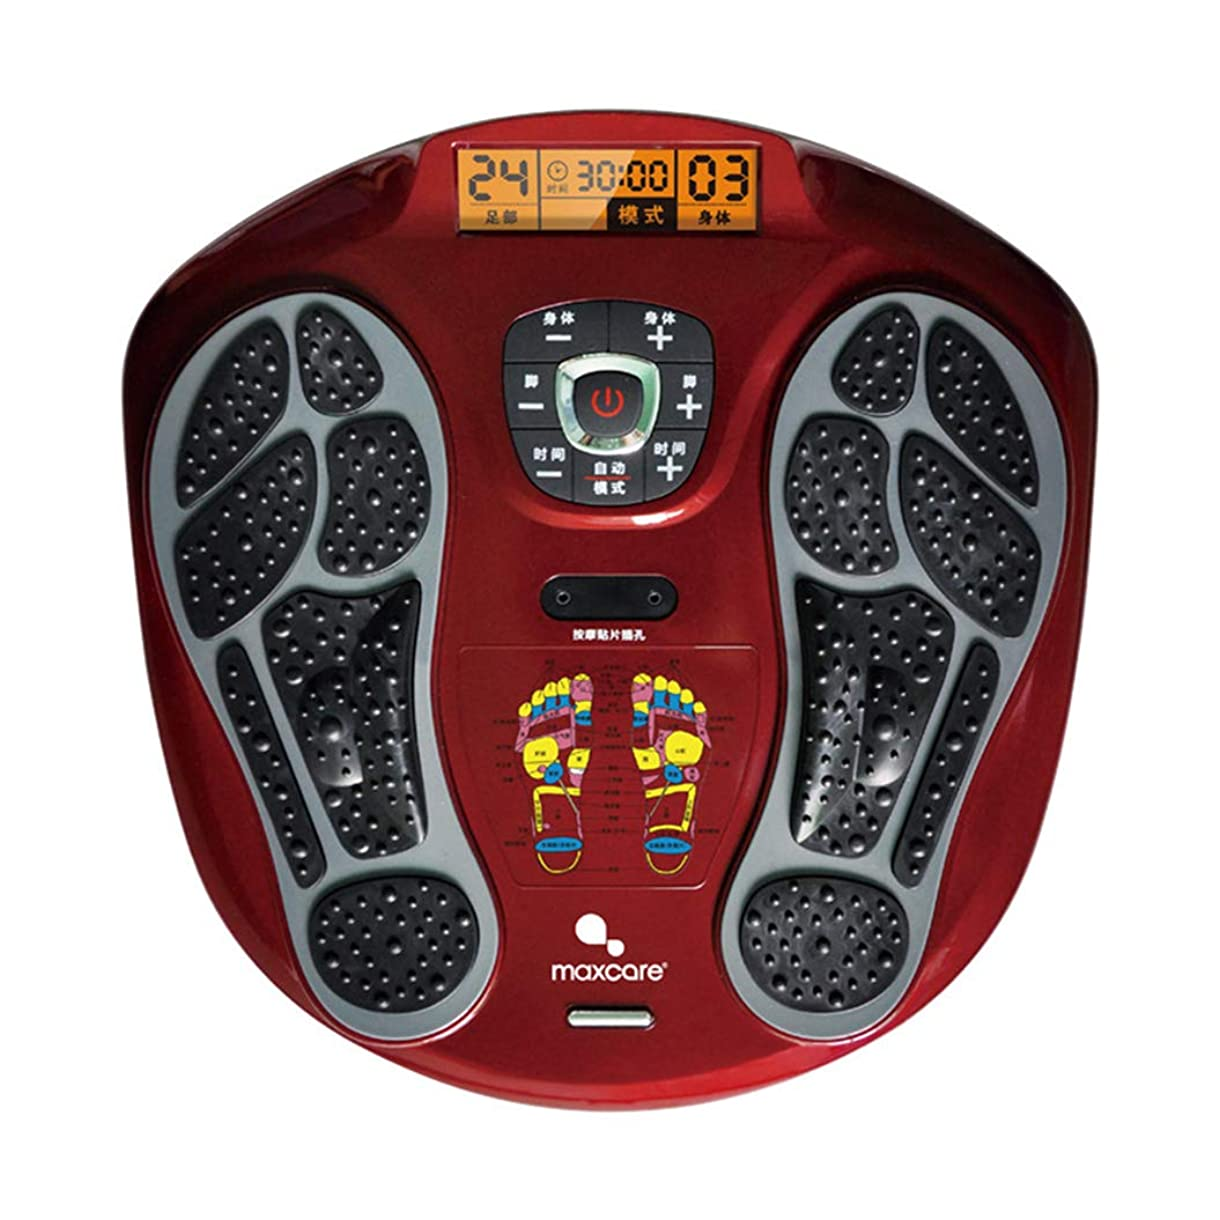 排除やろうホバート電気の フットマッサージャー、LEDディスプレイスクリーン、フットリラクゼーションのための熱を備えたマシン、15のモードを備えた疲労緩和。 人間工学的デザイン